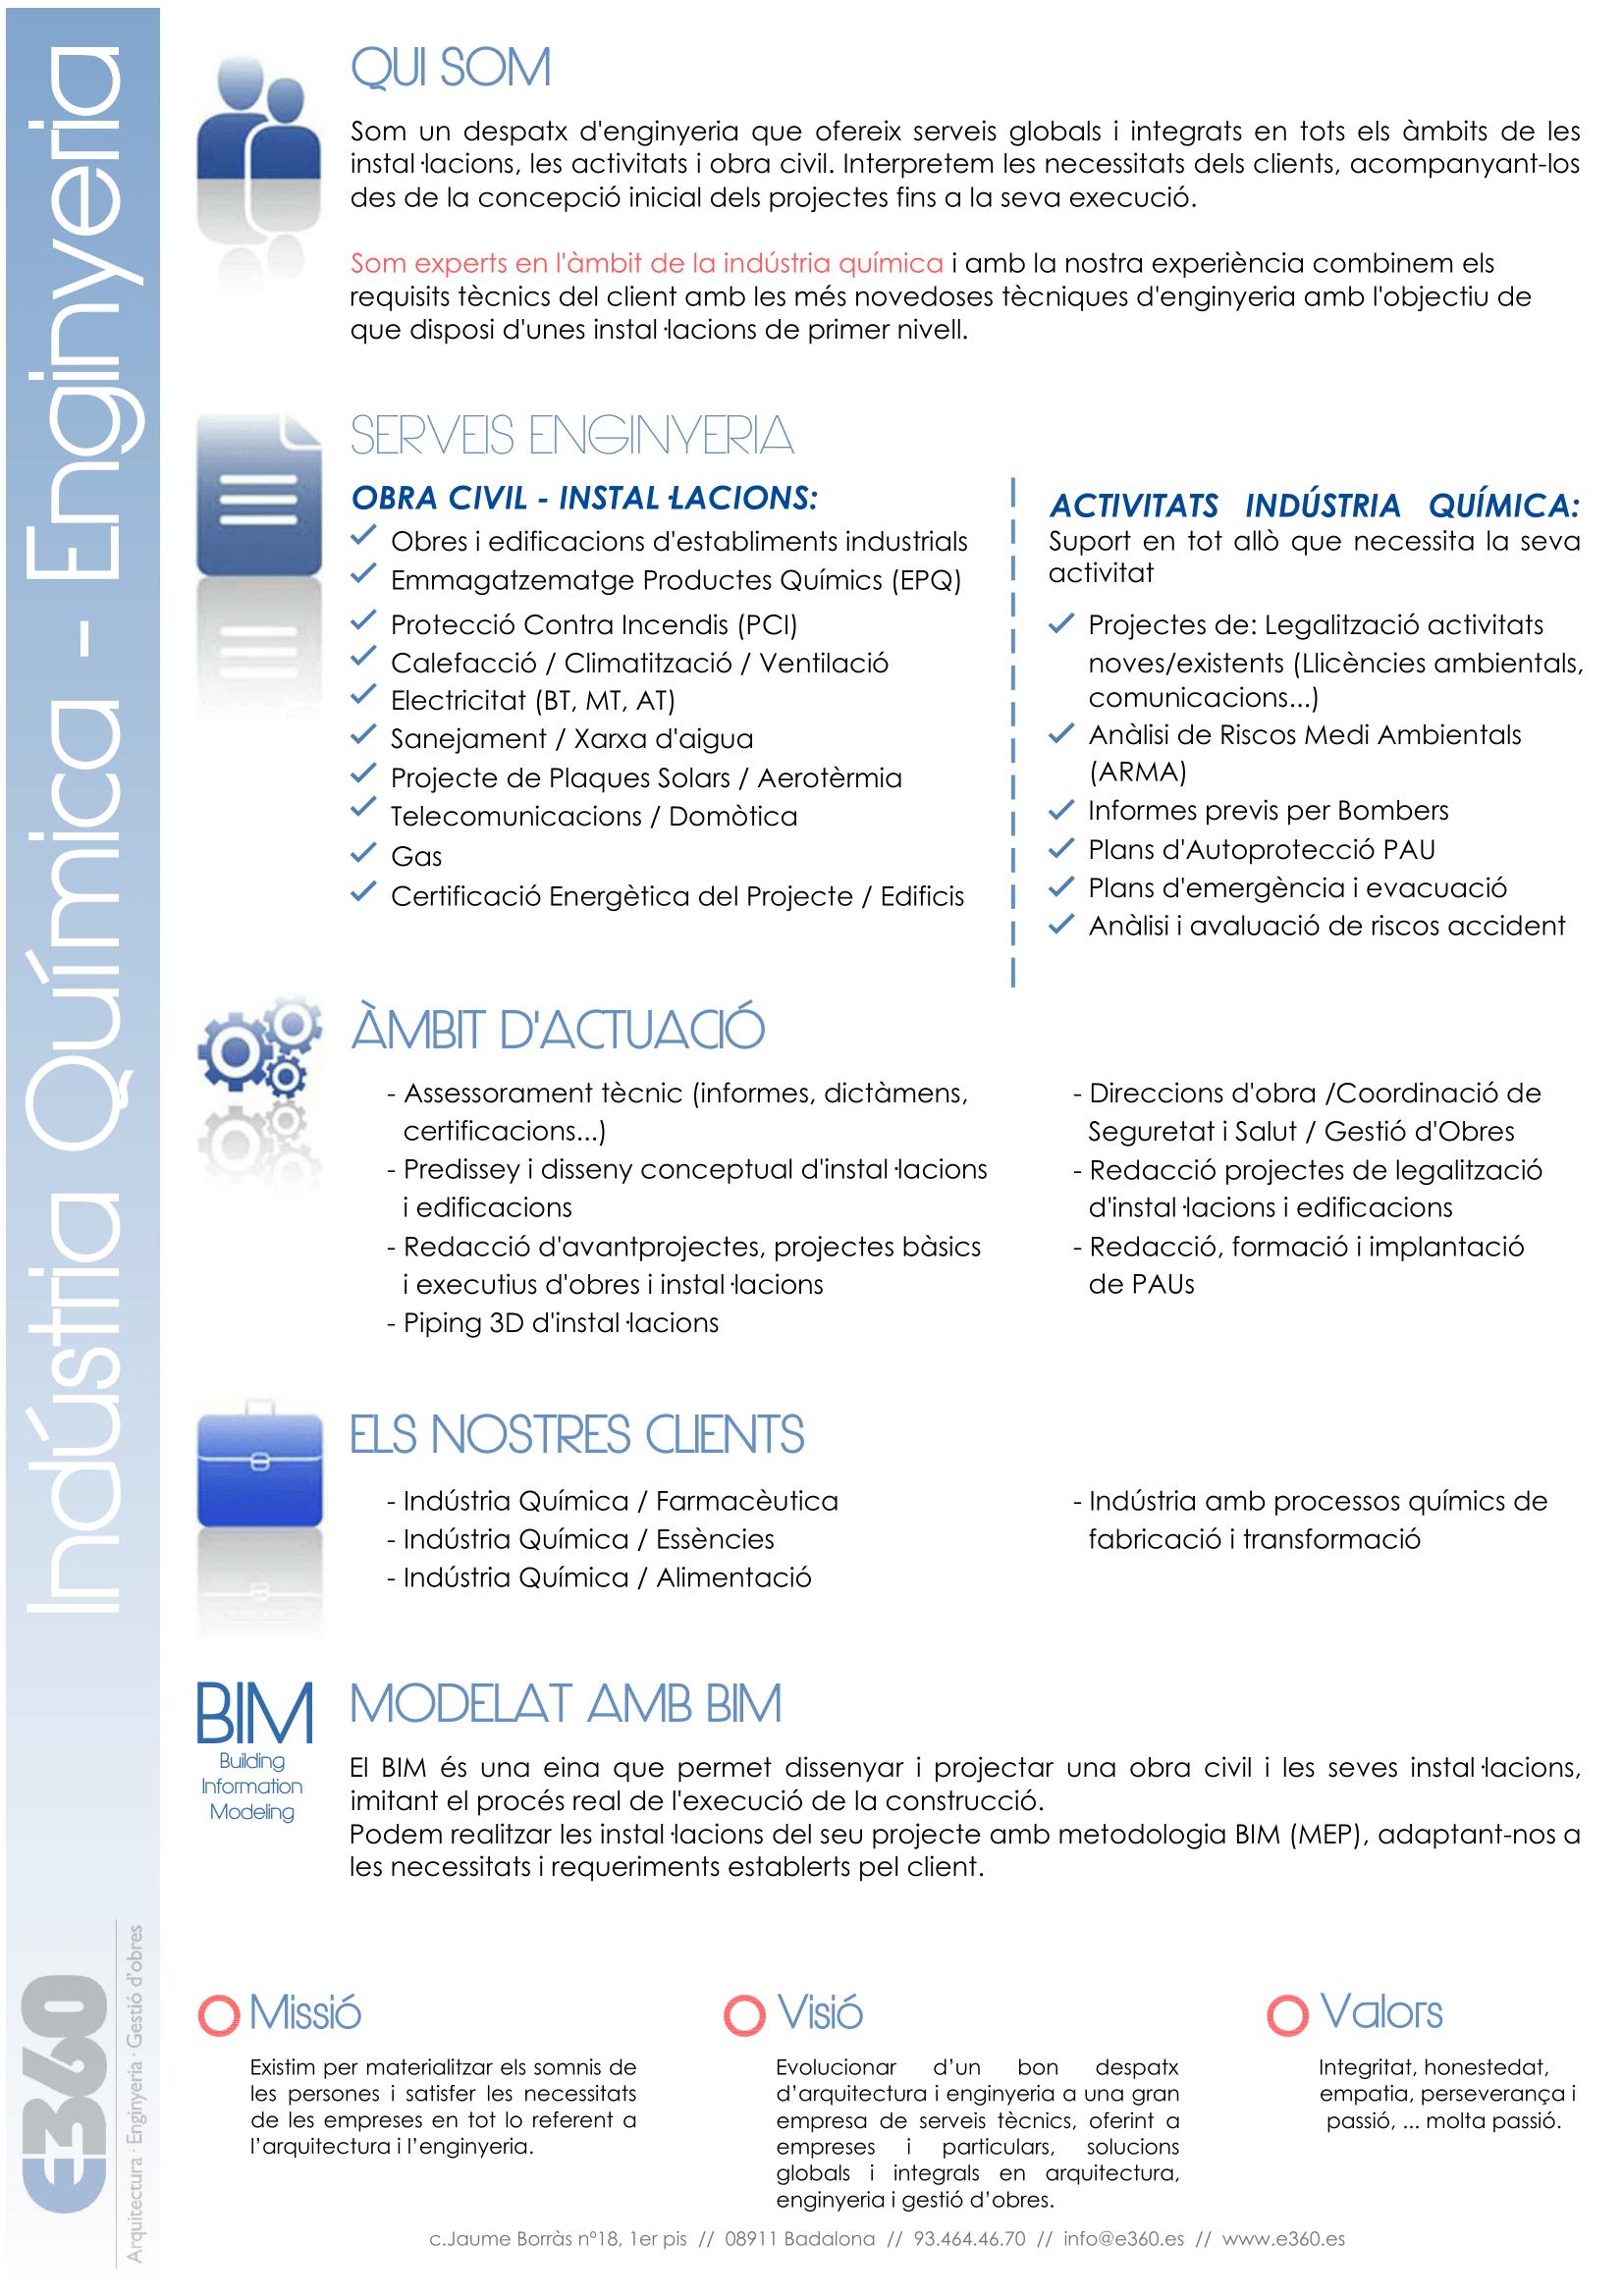 Servicios Ingeniería para la Industria Química y Farmacéutica